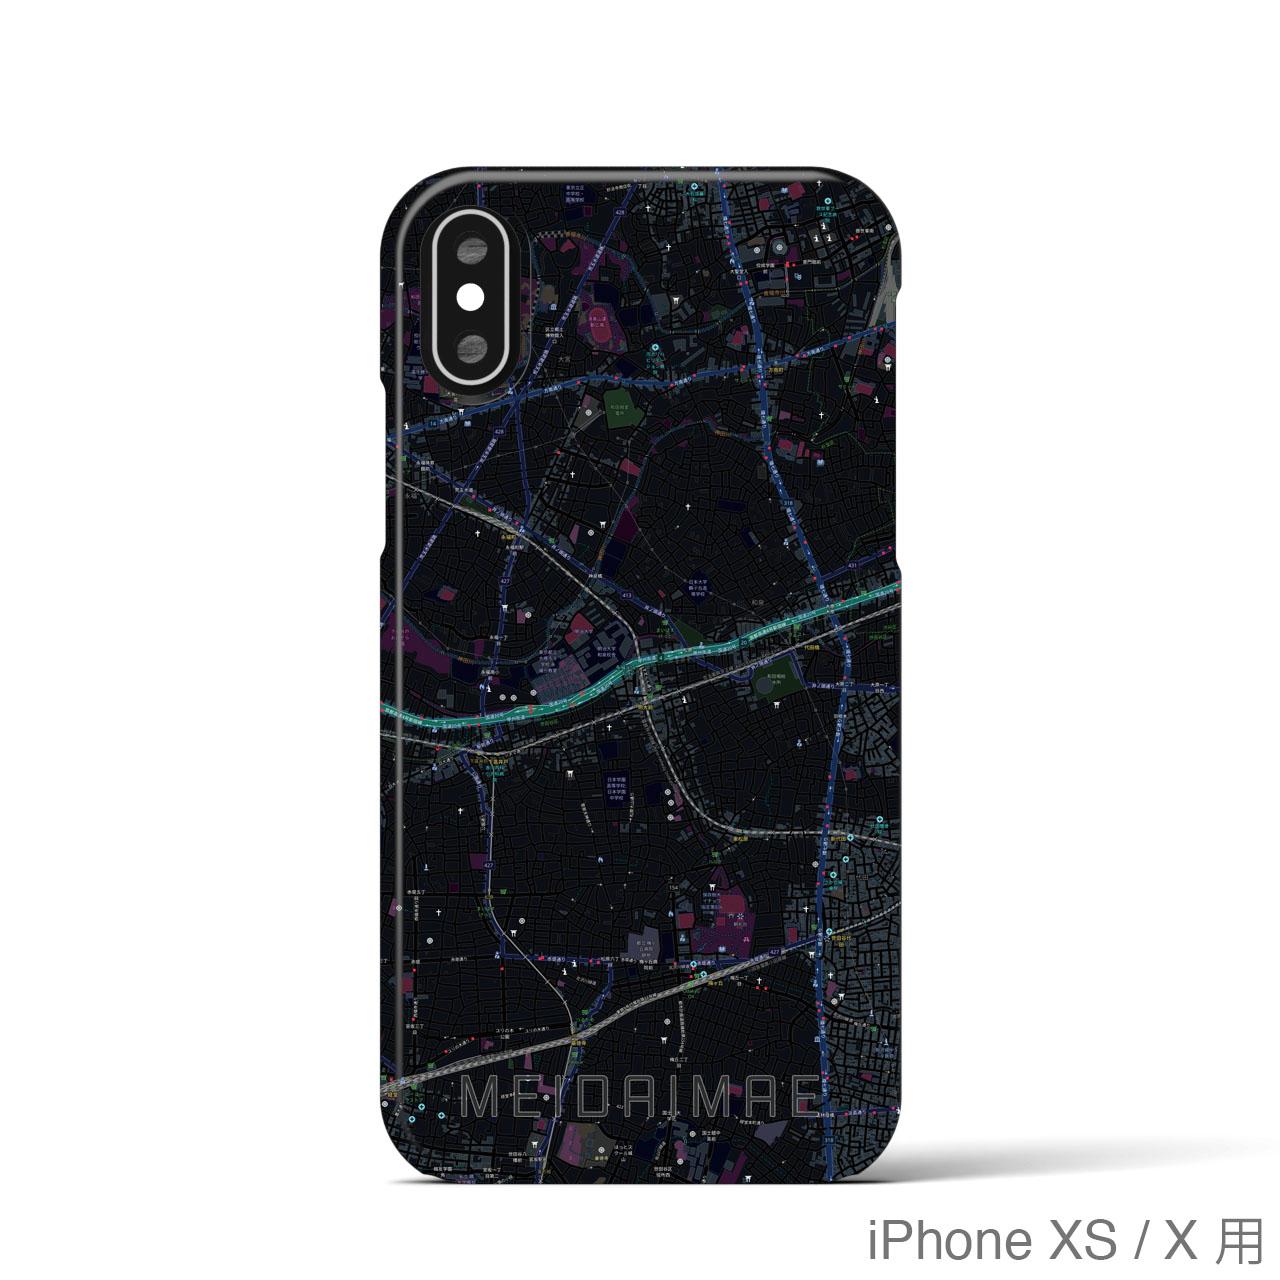 【明大前】地図柄iPhoneケース(バックカバータイプ・ブラック)